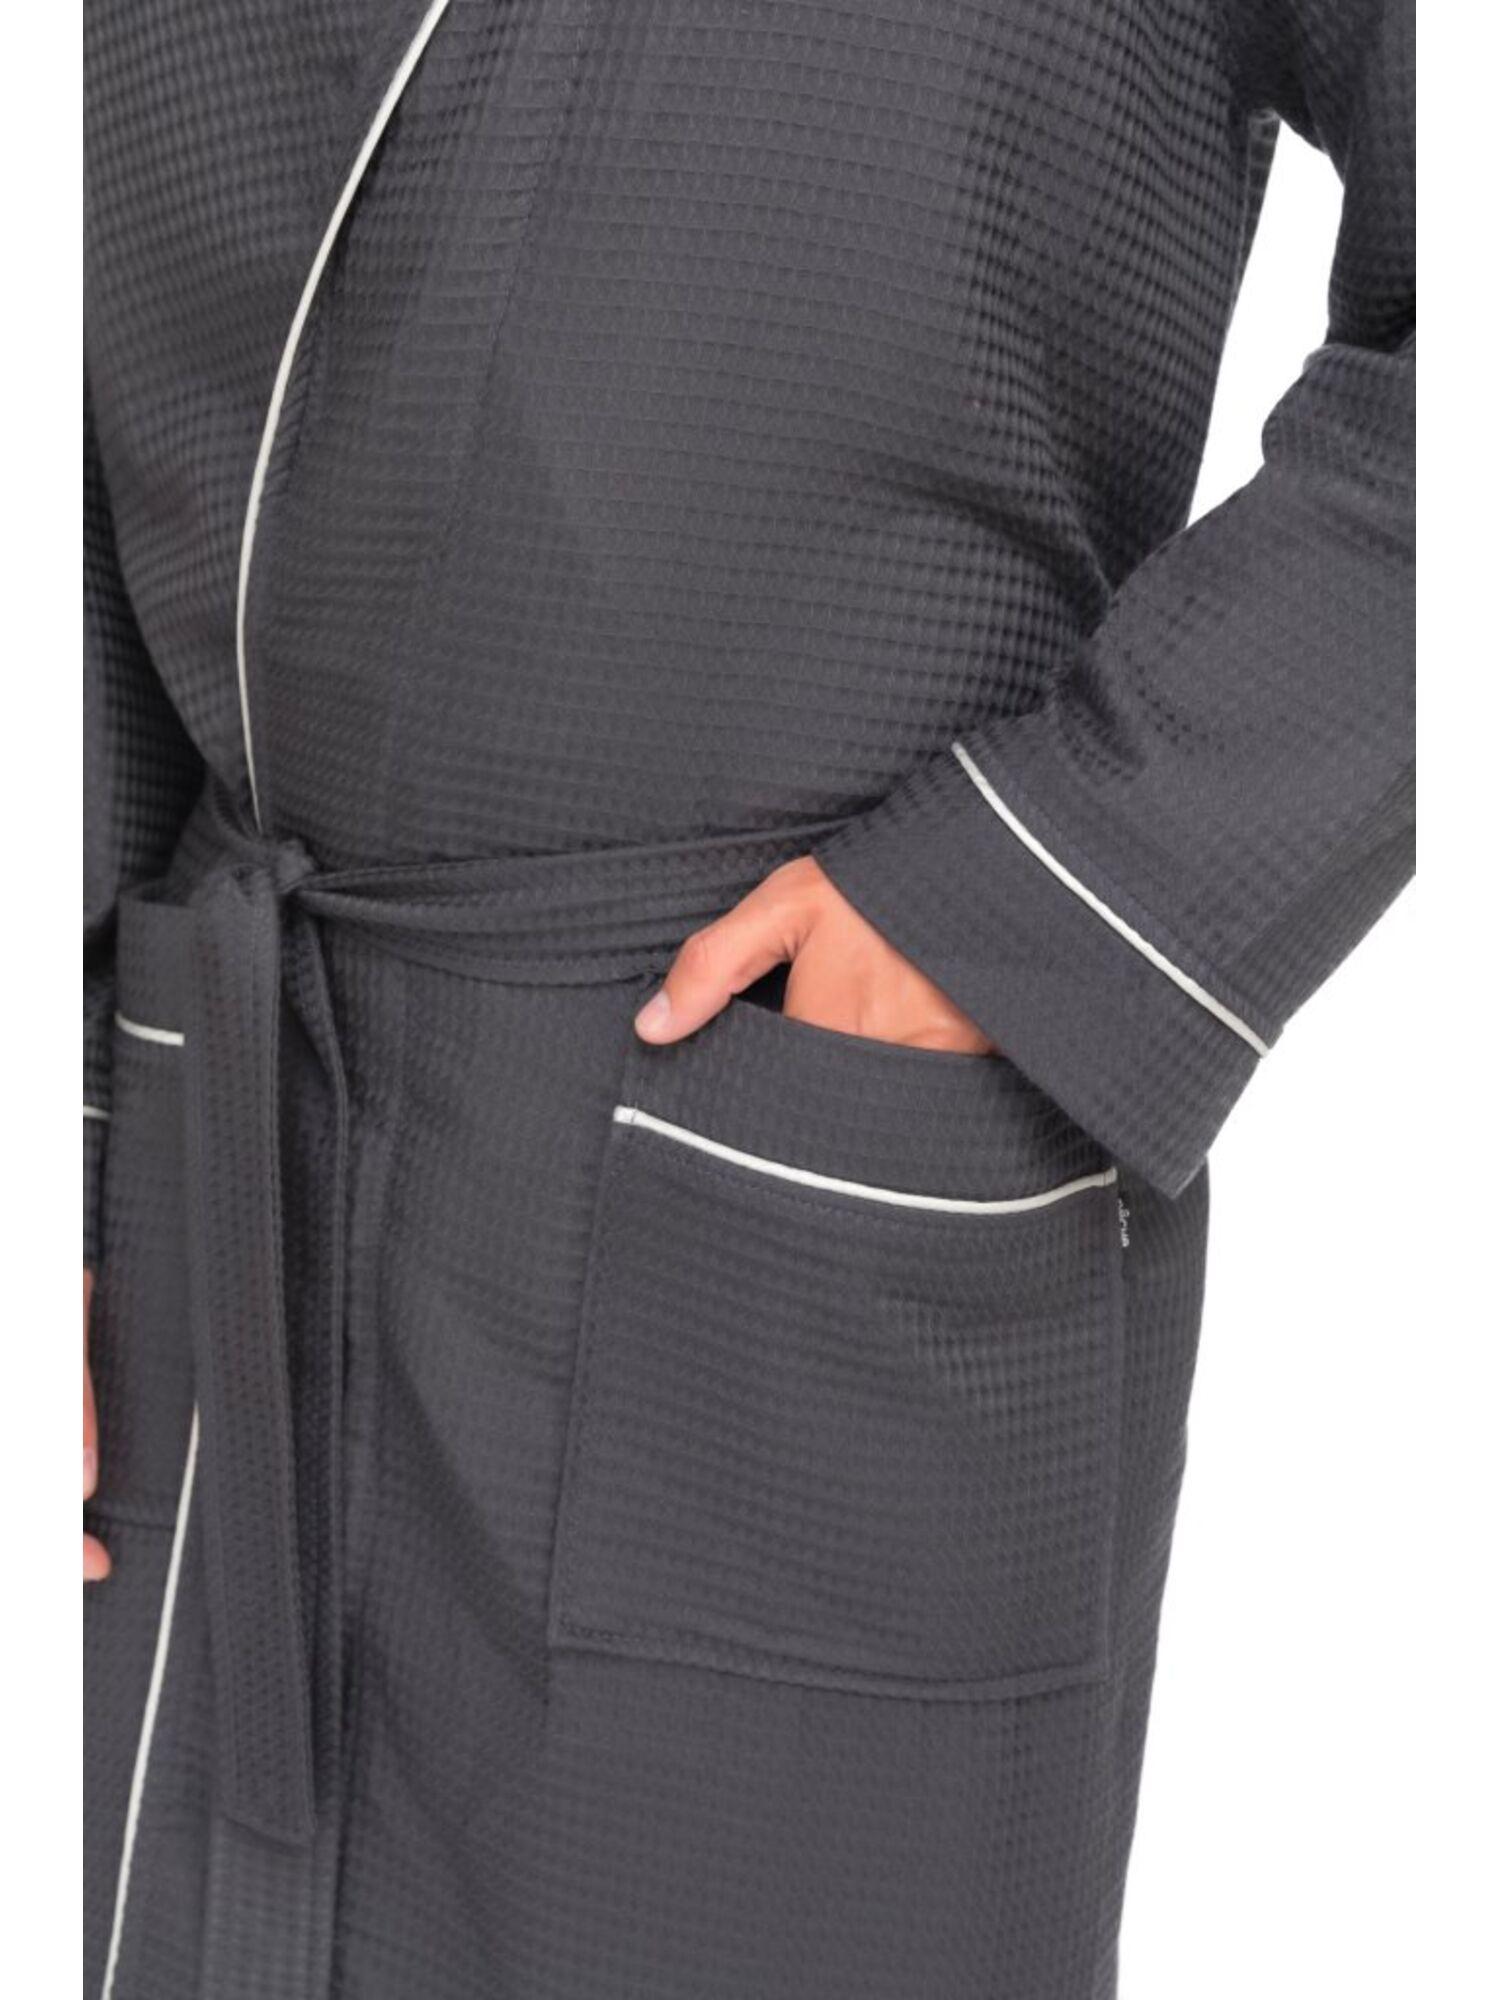 Бамбуковый вафельный халат Suprême (PM France 415) серый